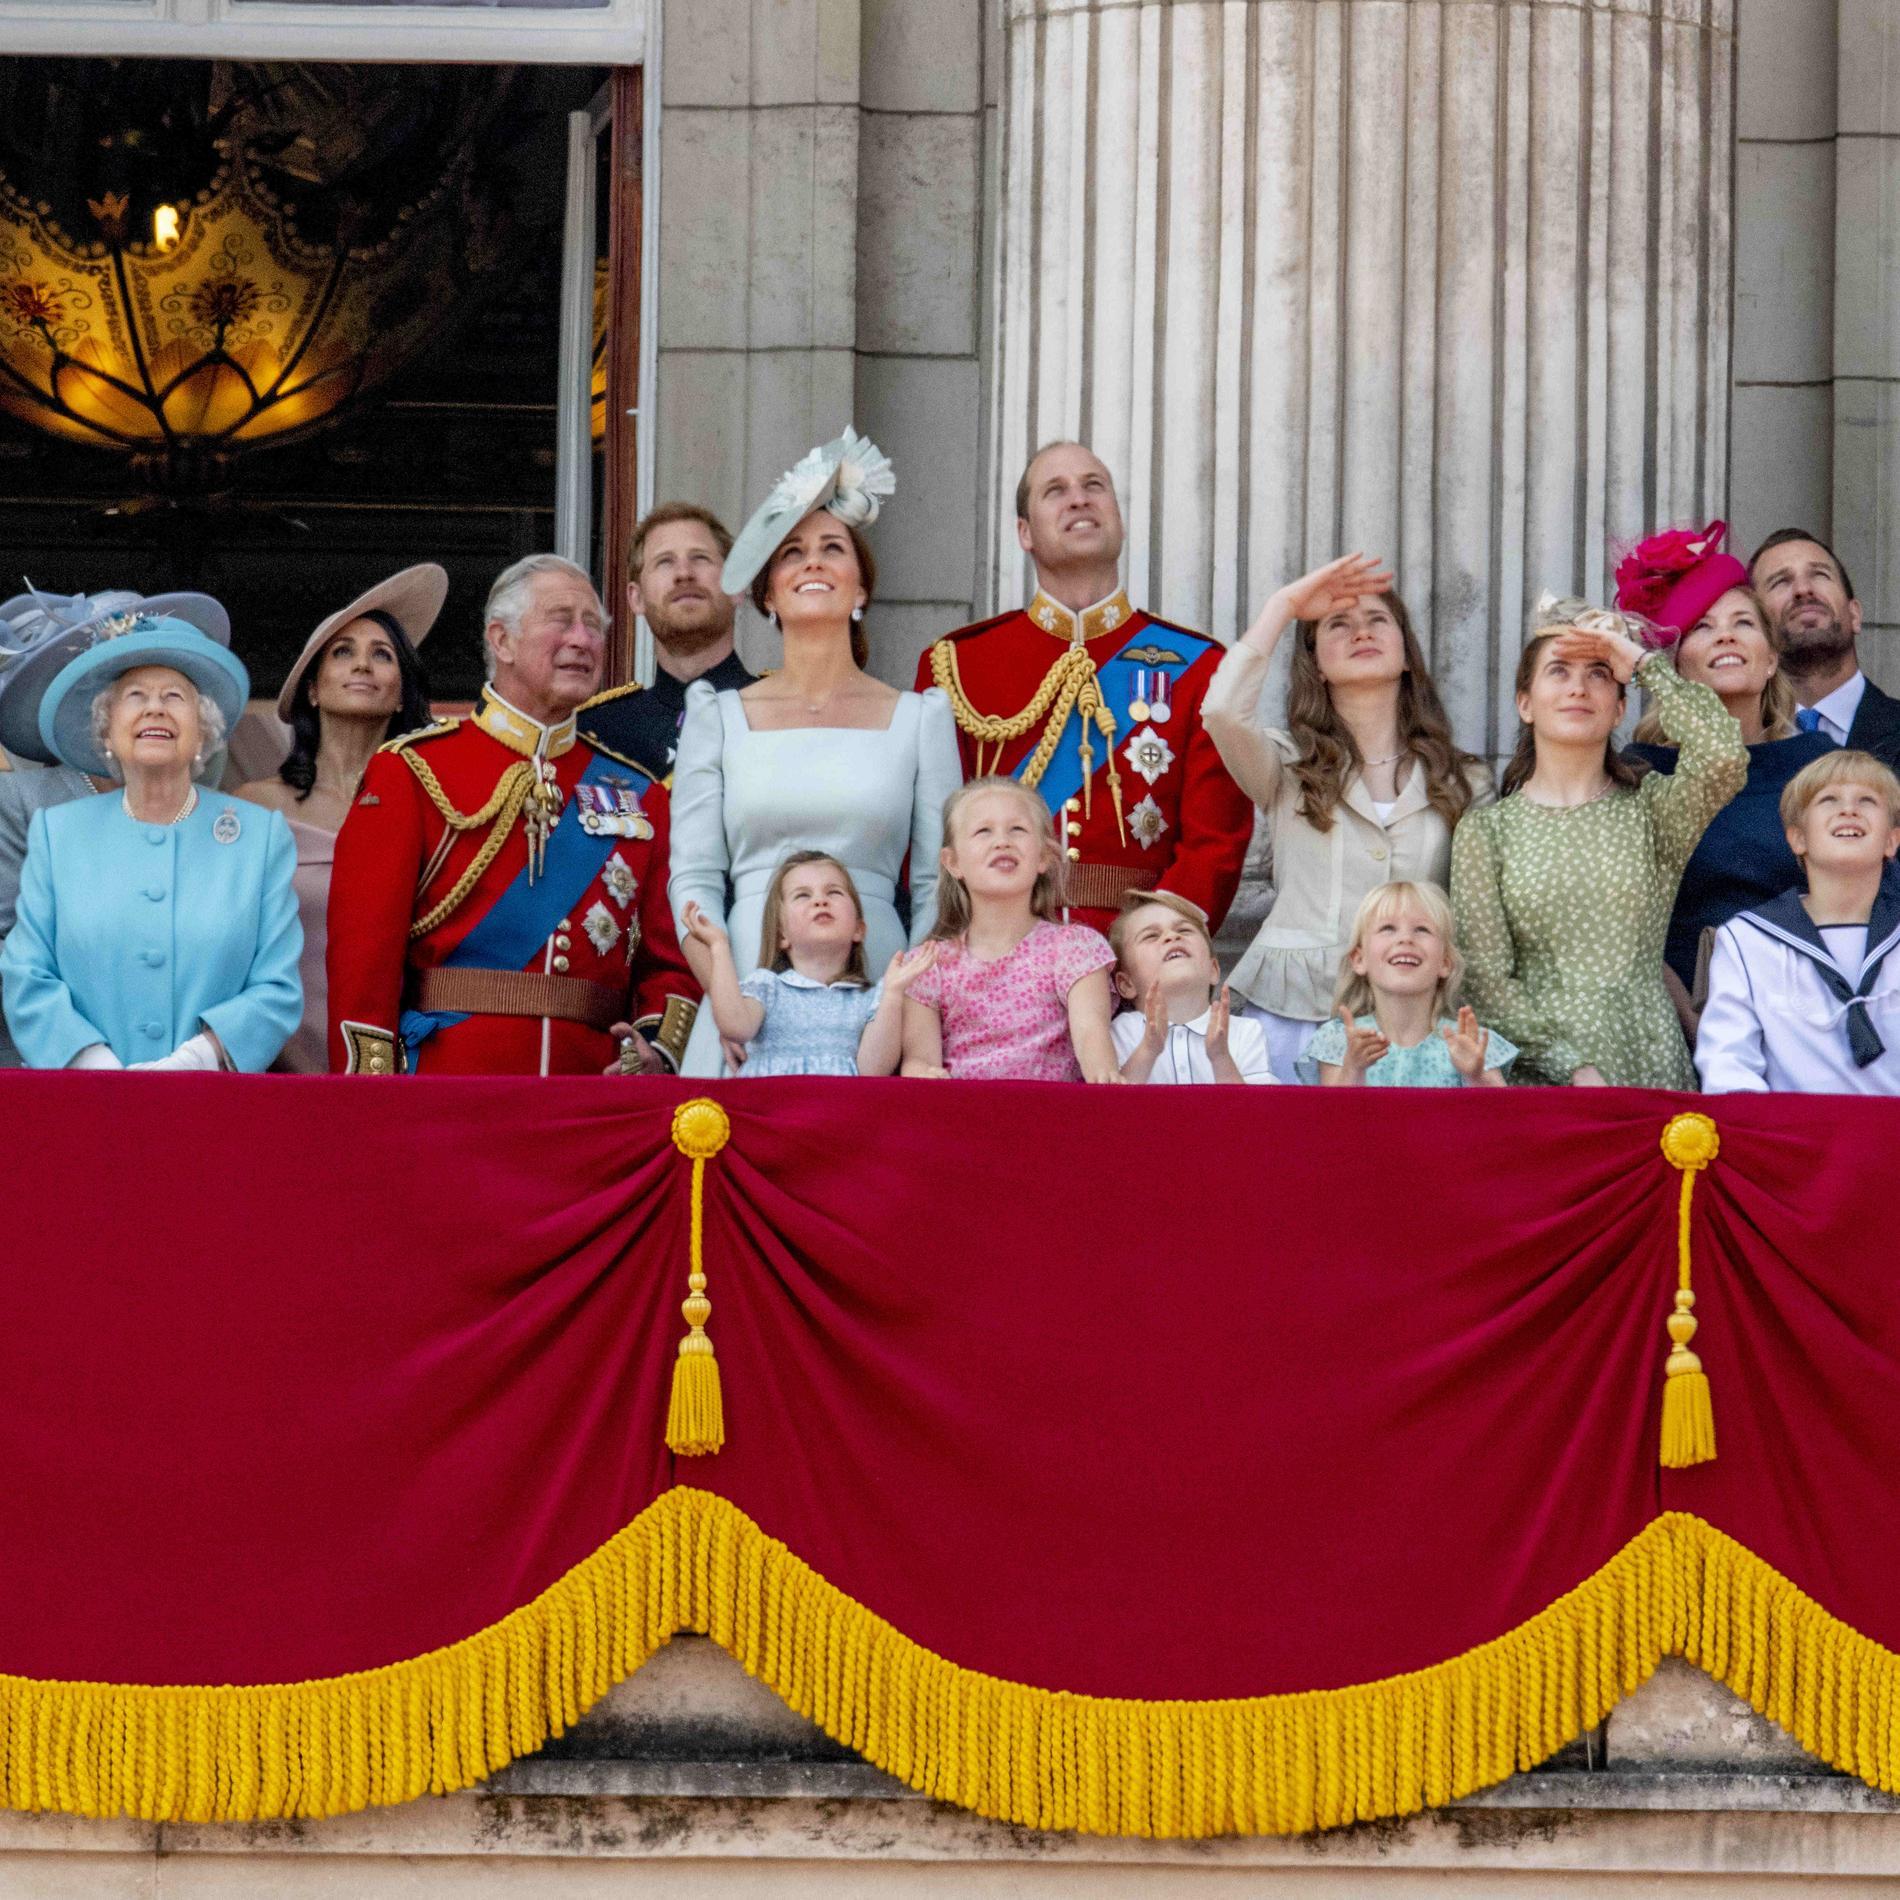 Les photos de la famille royale aux 92 ans d'Elizabeth II